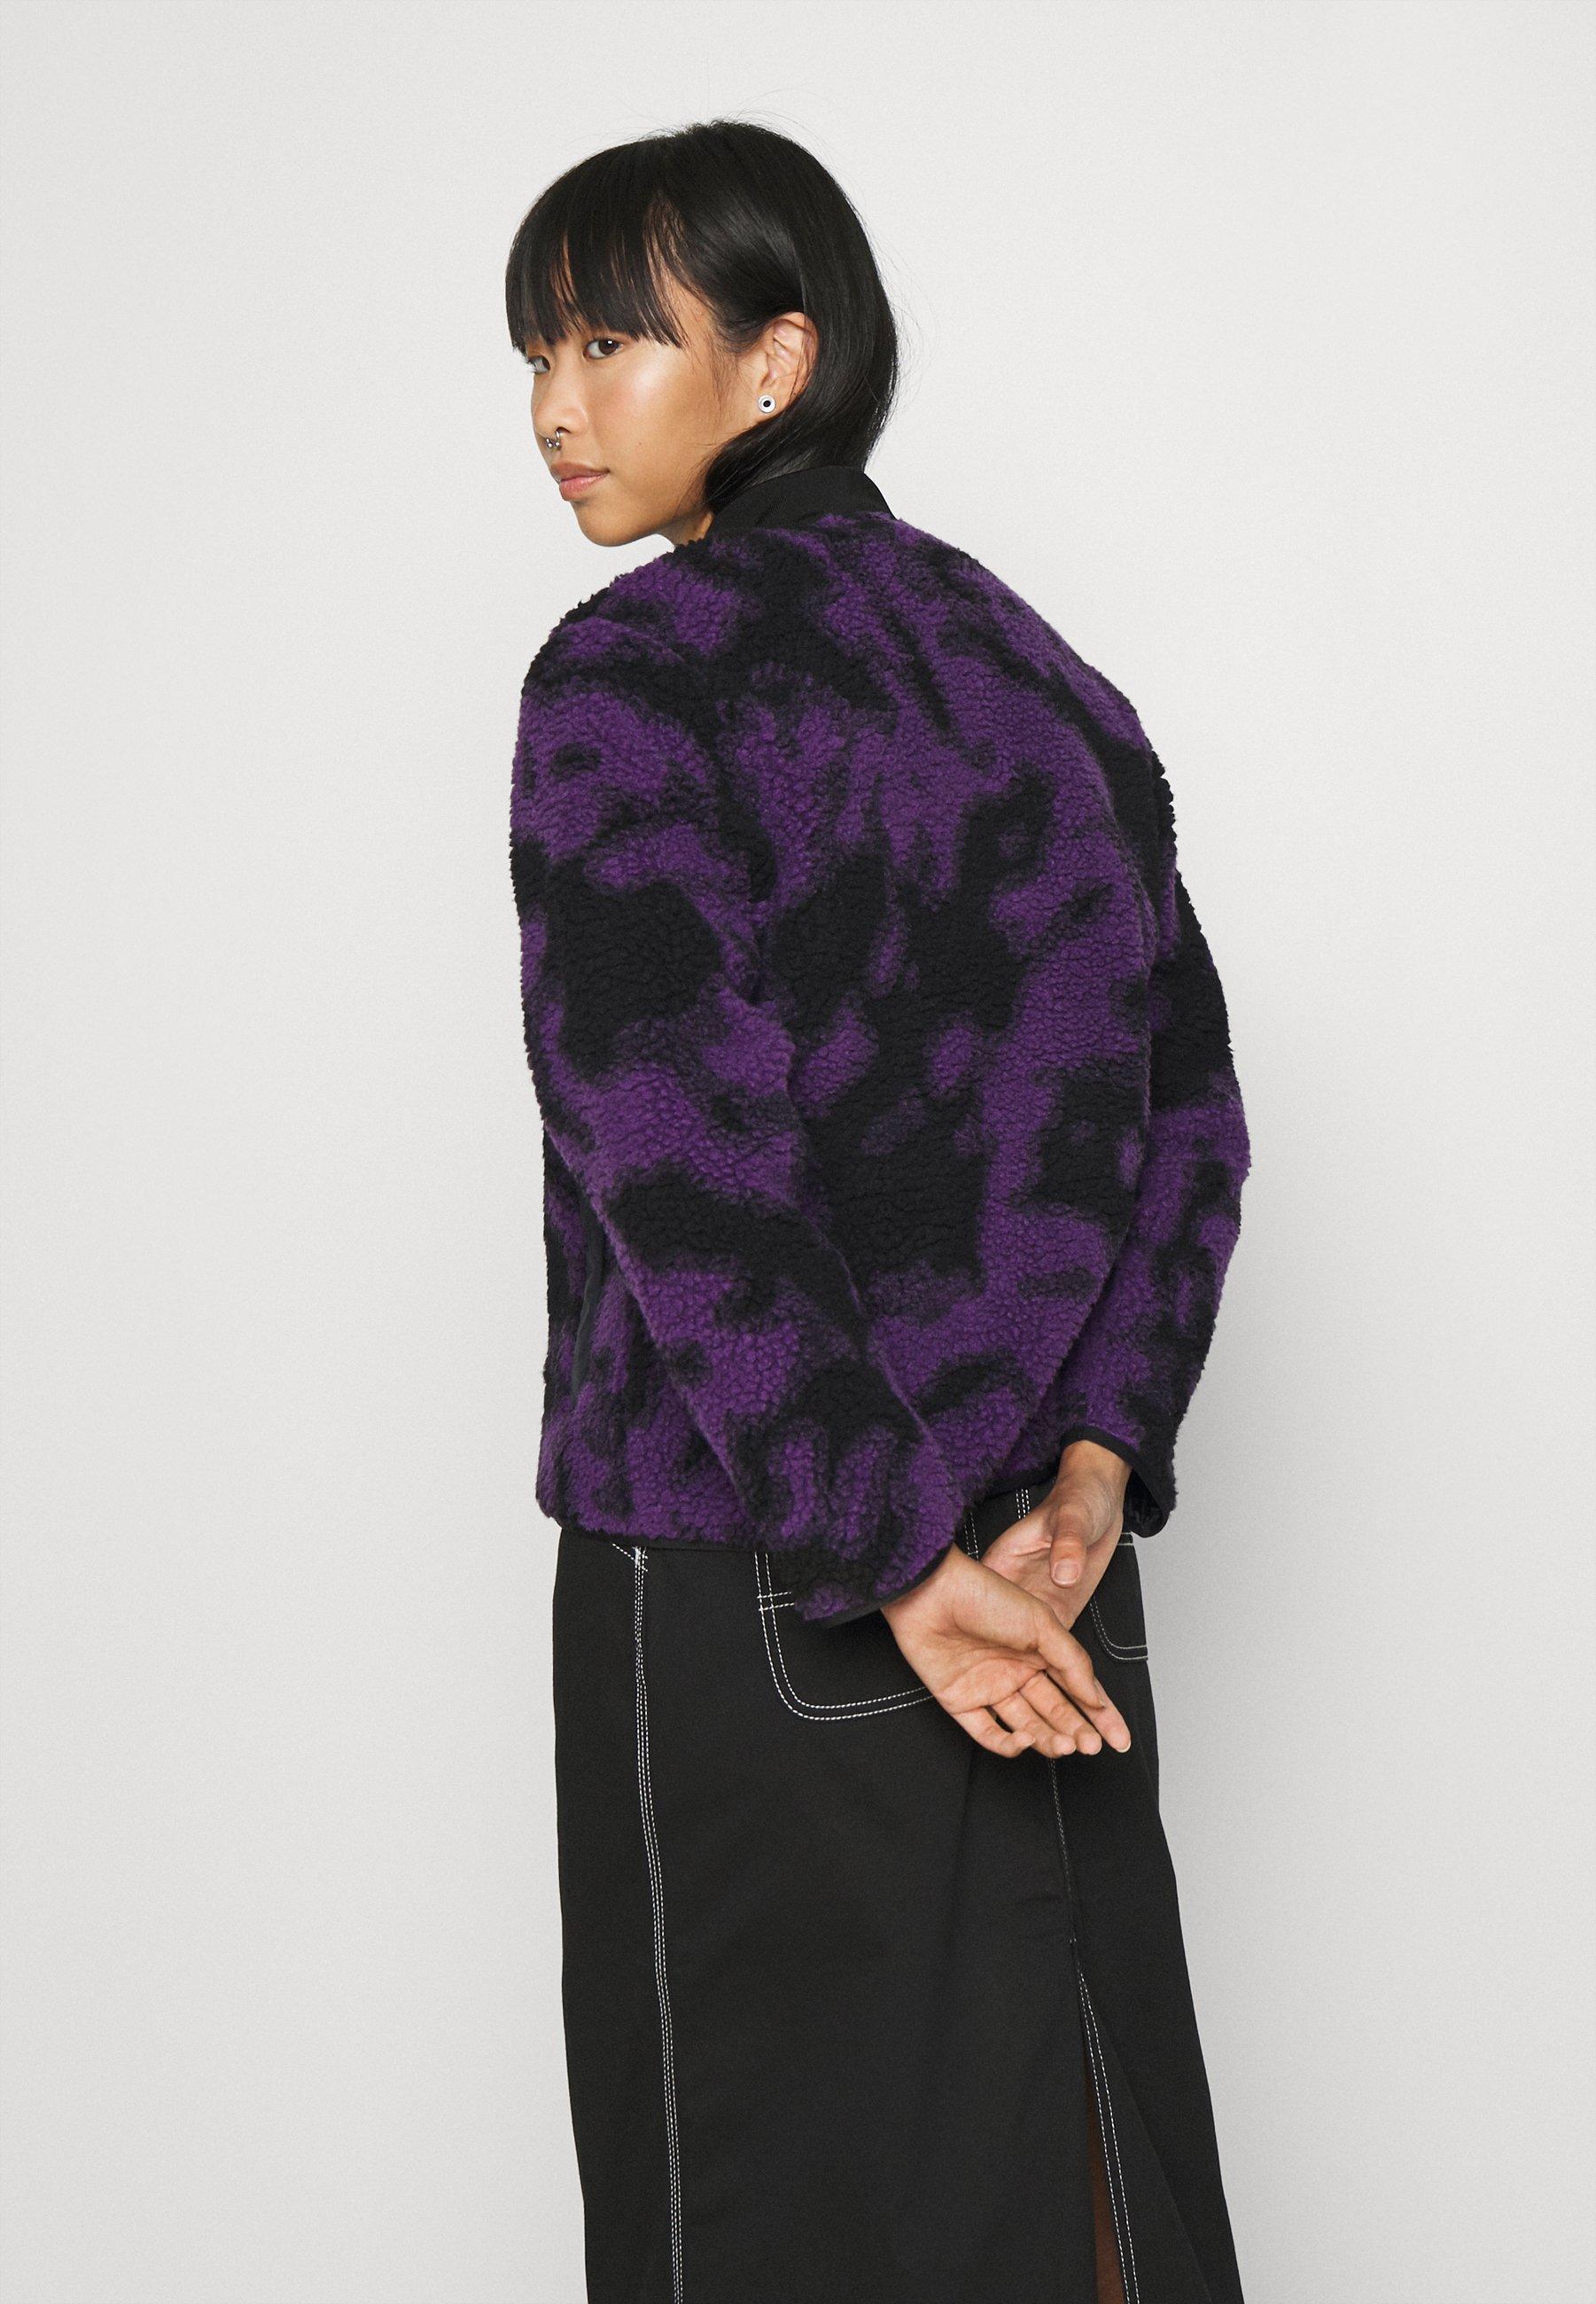 Carhartt WIP JANET LINER Winterjacke blur/purple/lila